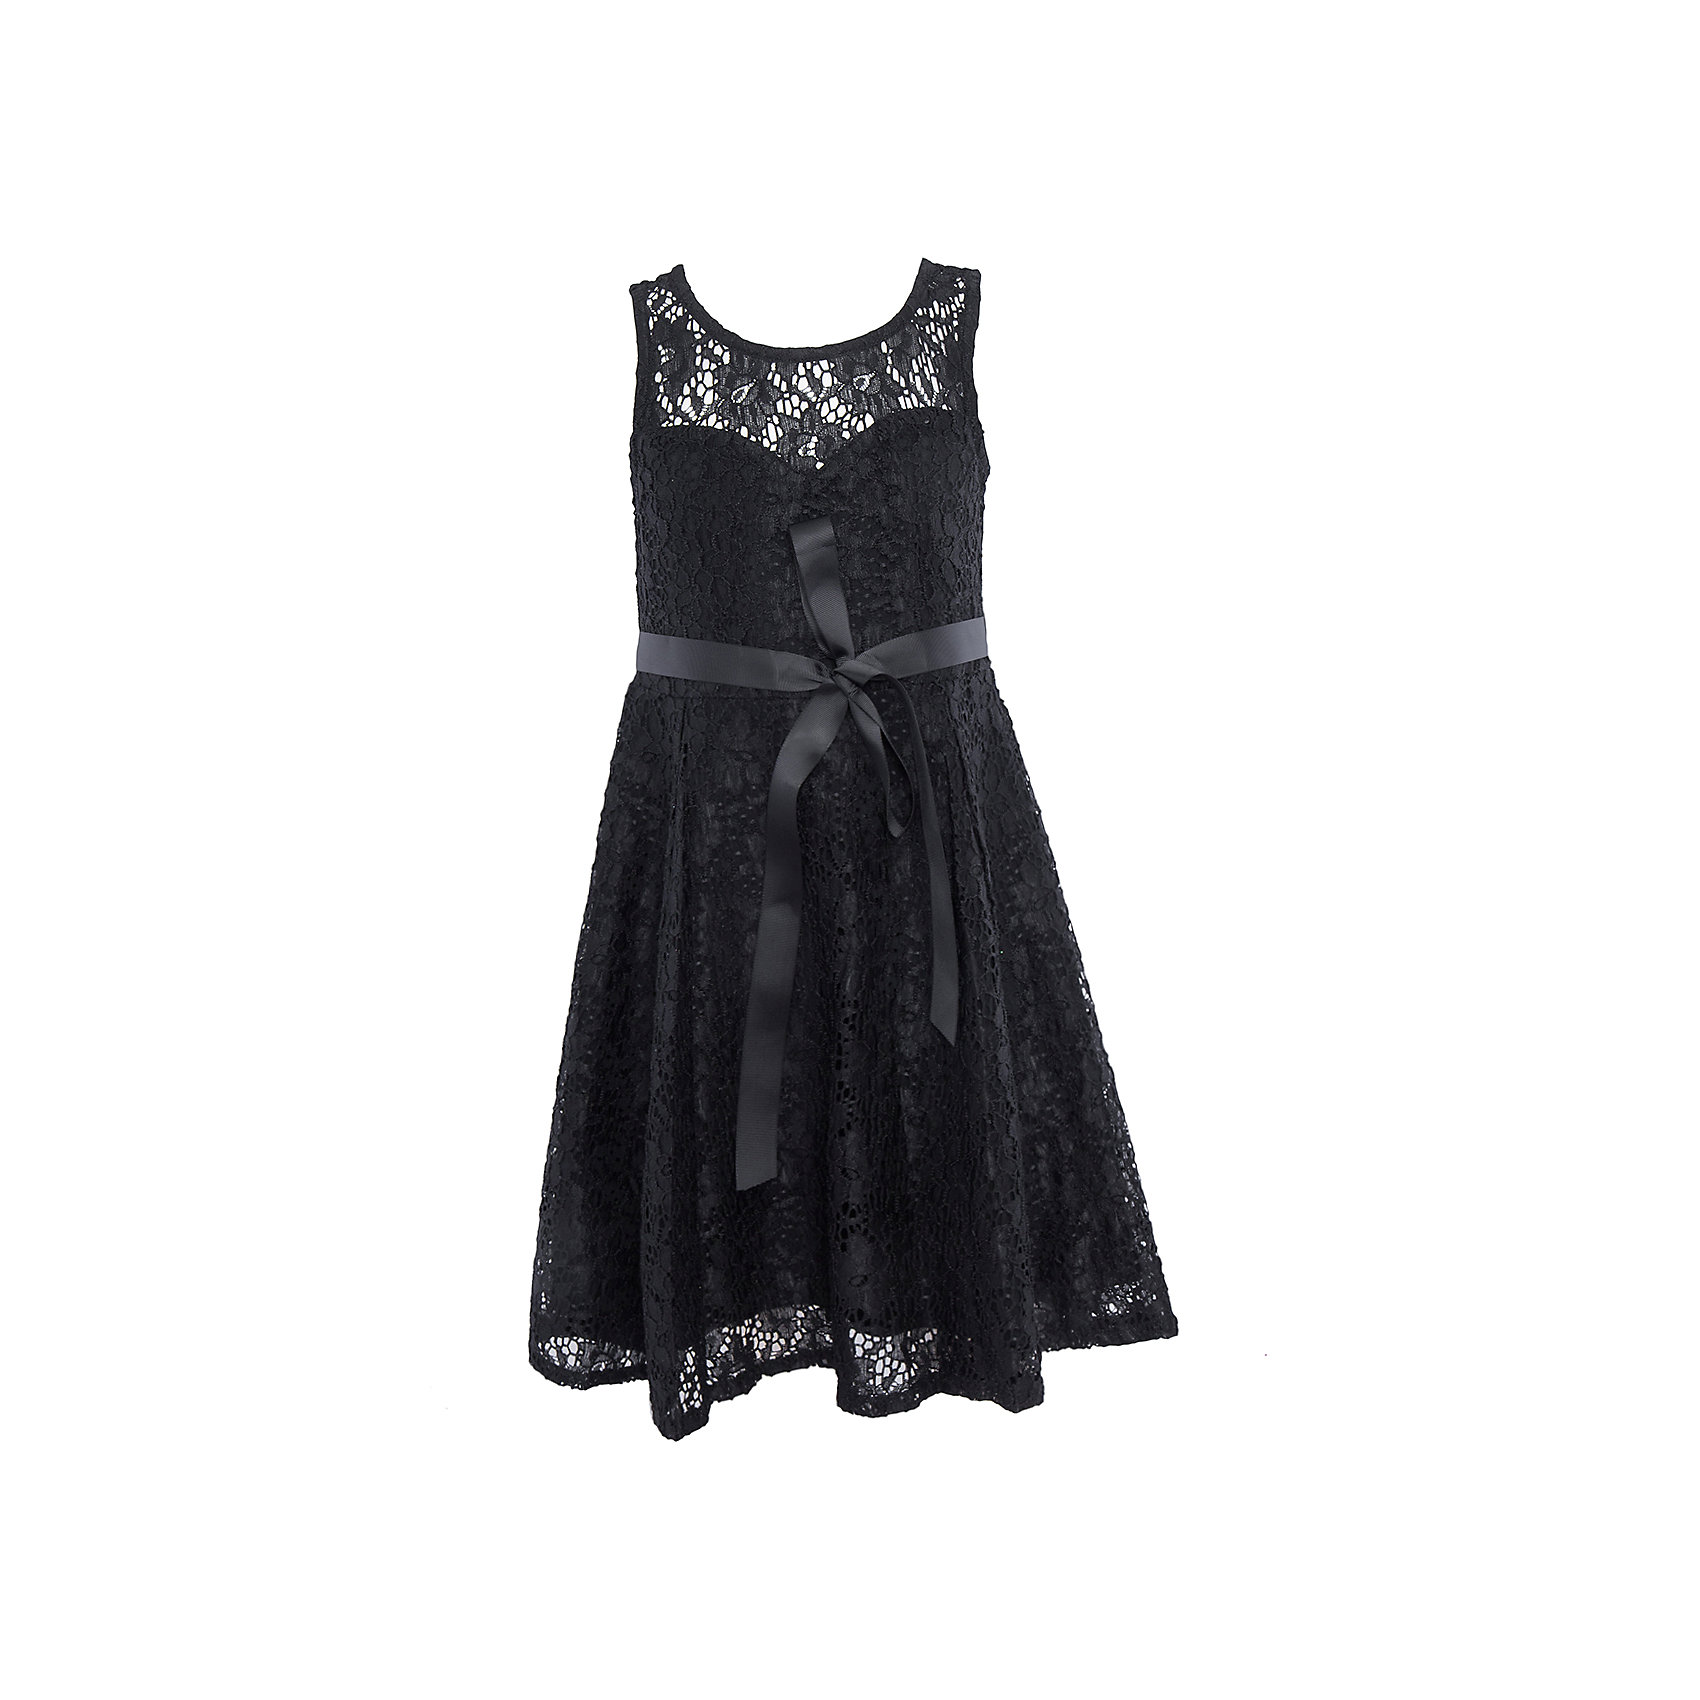 Нарядное платье для девочки LuminosoОдежда<br>Характеристики:<br><br>• Вид одежды: платье<br>• Предназначение: для праздника, торжеств<br>• Сезон: круглый год<br>• Материал: верх – 90% полиэстер, 10% эластан; подкладка – 95% хлопок, 5% эластан<br>• Цвет: черный<br>• Силуэт: классический, прямой<br>• Длина: миди<br>• Вырез горловины: круглый<br>• Застежка: молния на спинке<br>• Особенности ухода: ручная стирка без применения отбеливающих средств, глажение при низкой температуре <br><br>Luminoso – это коллекция от известного производителя Sweet Berry, который сочетает в своей одежде функциональность, качество, стиль и следование современным мировым тенденциям в текстильной индустрии для подростков. <br>Кружевное платье для девочки от знаменитого производителя детской одежды Sweet Berry выполнено из полиэстера с хлопковым подкладка<br>ом. Изделие имеет классический прямой силуэт, полочку из кружева с фигурной подкладкой и застежку-молнию на спинке. Платье выполнено в стильном черном цвете, в комплекте предусмотрен репсовый пояс. Праздничное платье от Luminoso – это залог успеха вашего ребенка на любом торжестве!<br><br>Платье для девочки Luminoso можно купить в нашем интернет-магазине.<br><br>Ширина мм: 236<br>Глубина мм: 16<br>Высота мм: 184<br>Вес г: 177<br>Цвет: черный<br>Возраст от месяцев: 96<br>Возраст до месяцев: 108<br>Пол: Женский<br>Возраст: Детский<br>Размер: 134,140,146,152,158,164<br>SKU: 5052028